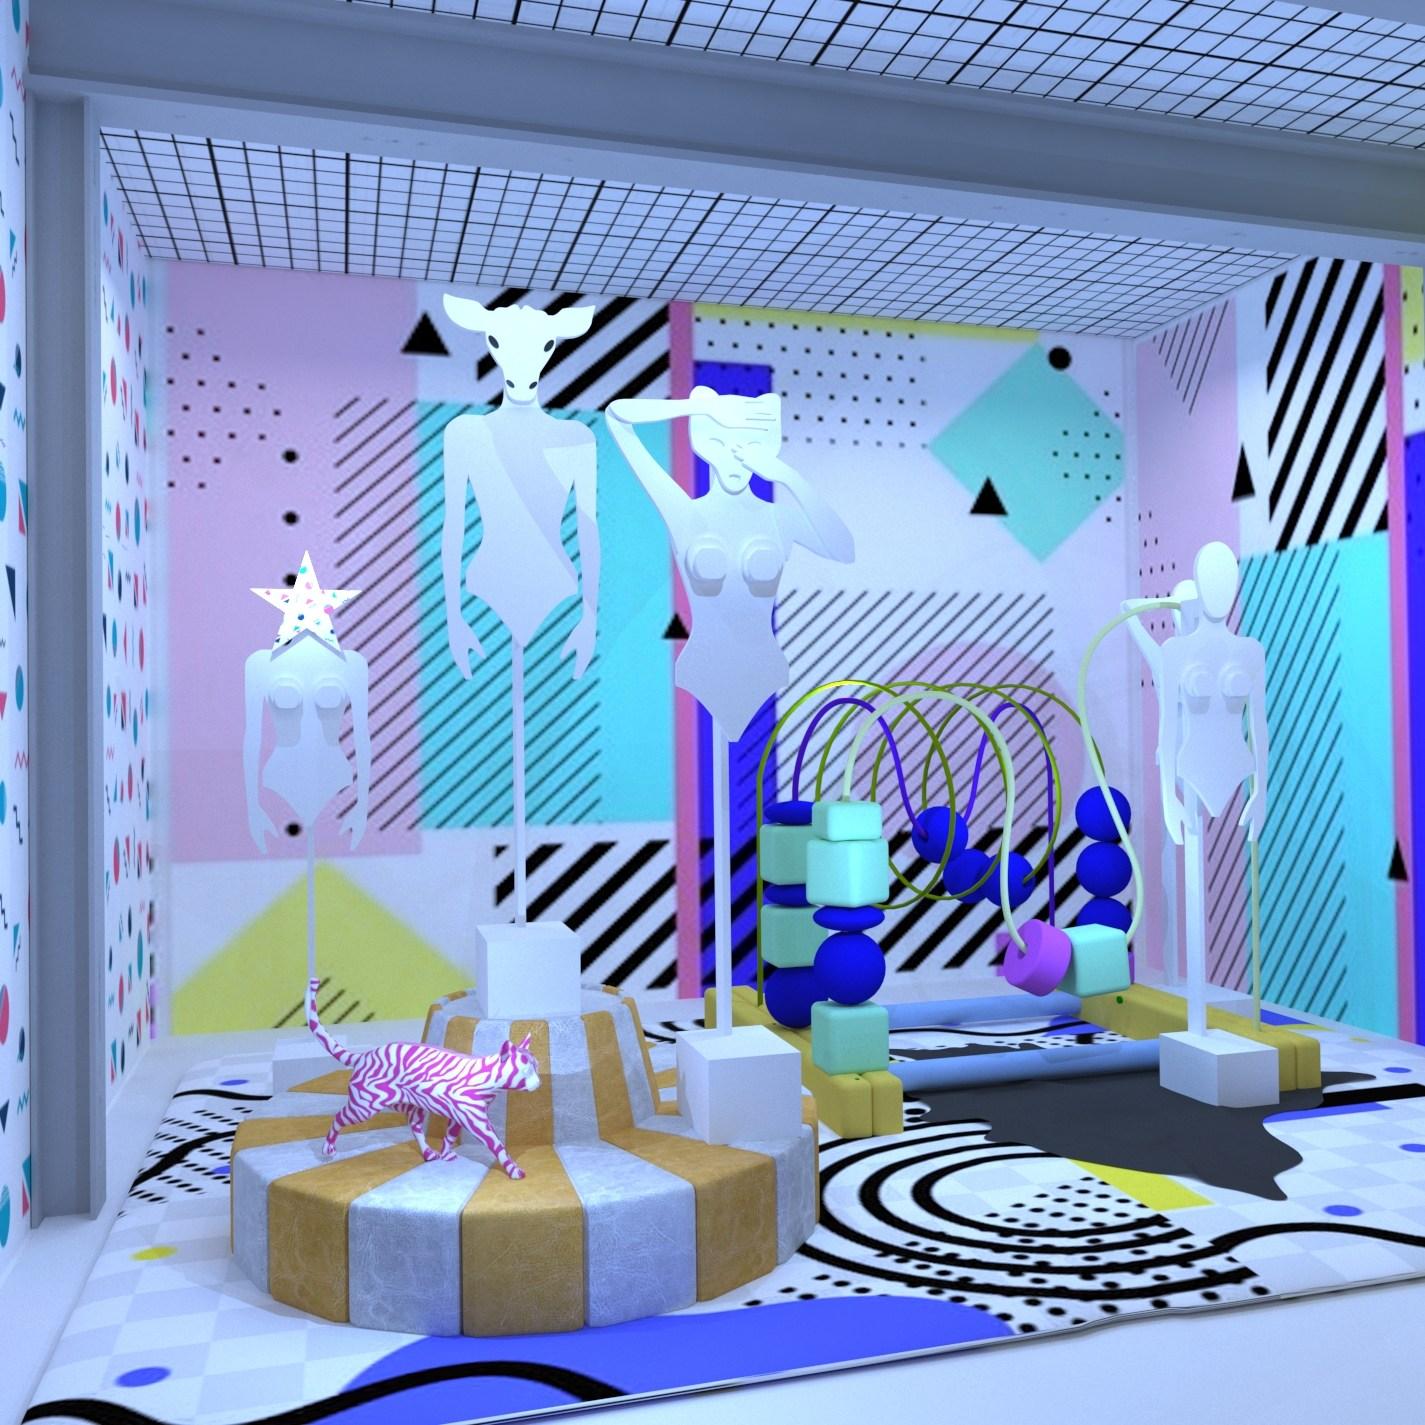 Diseño de Escaparate, showroom, pop up store, espacios de venta singulares